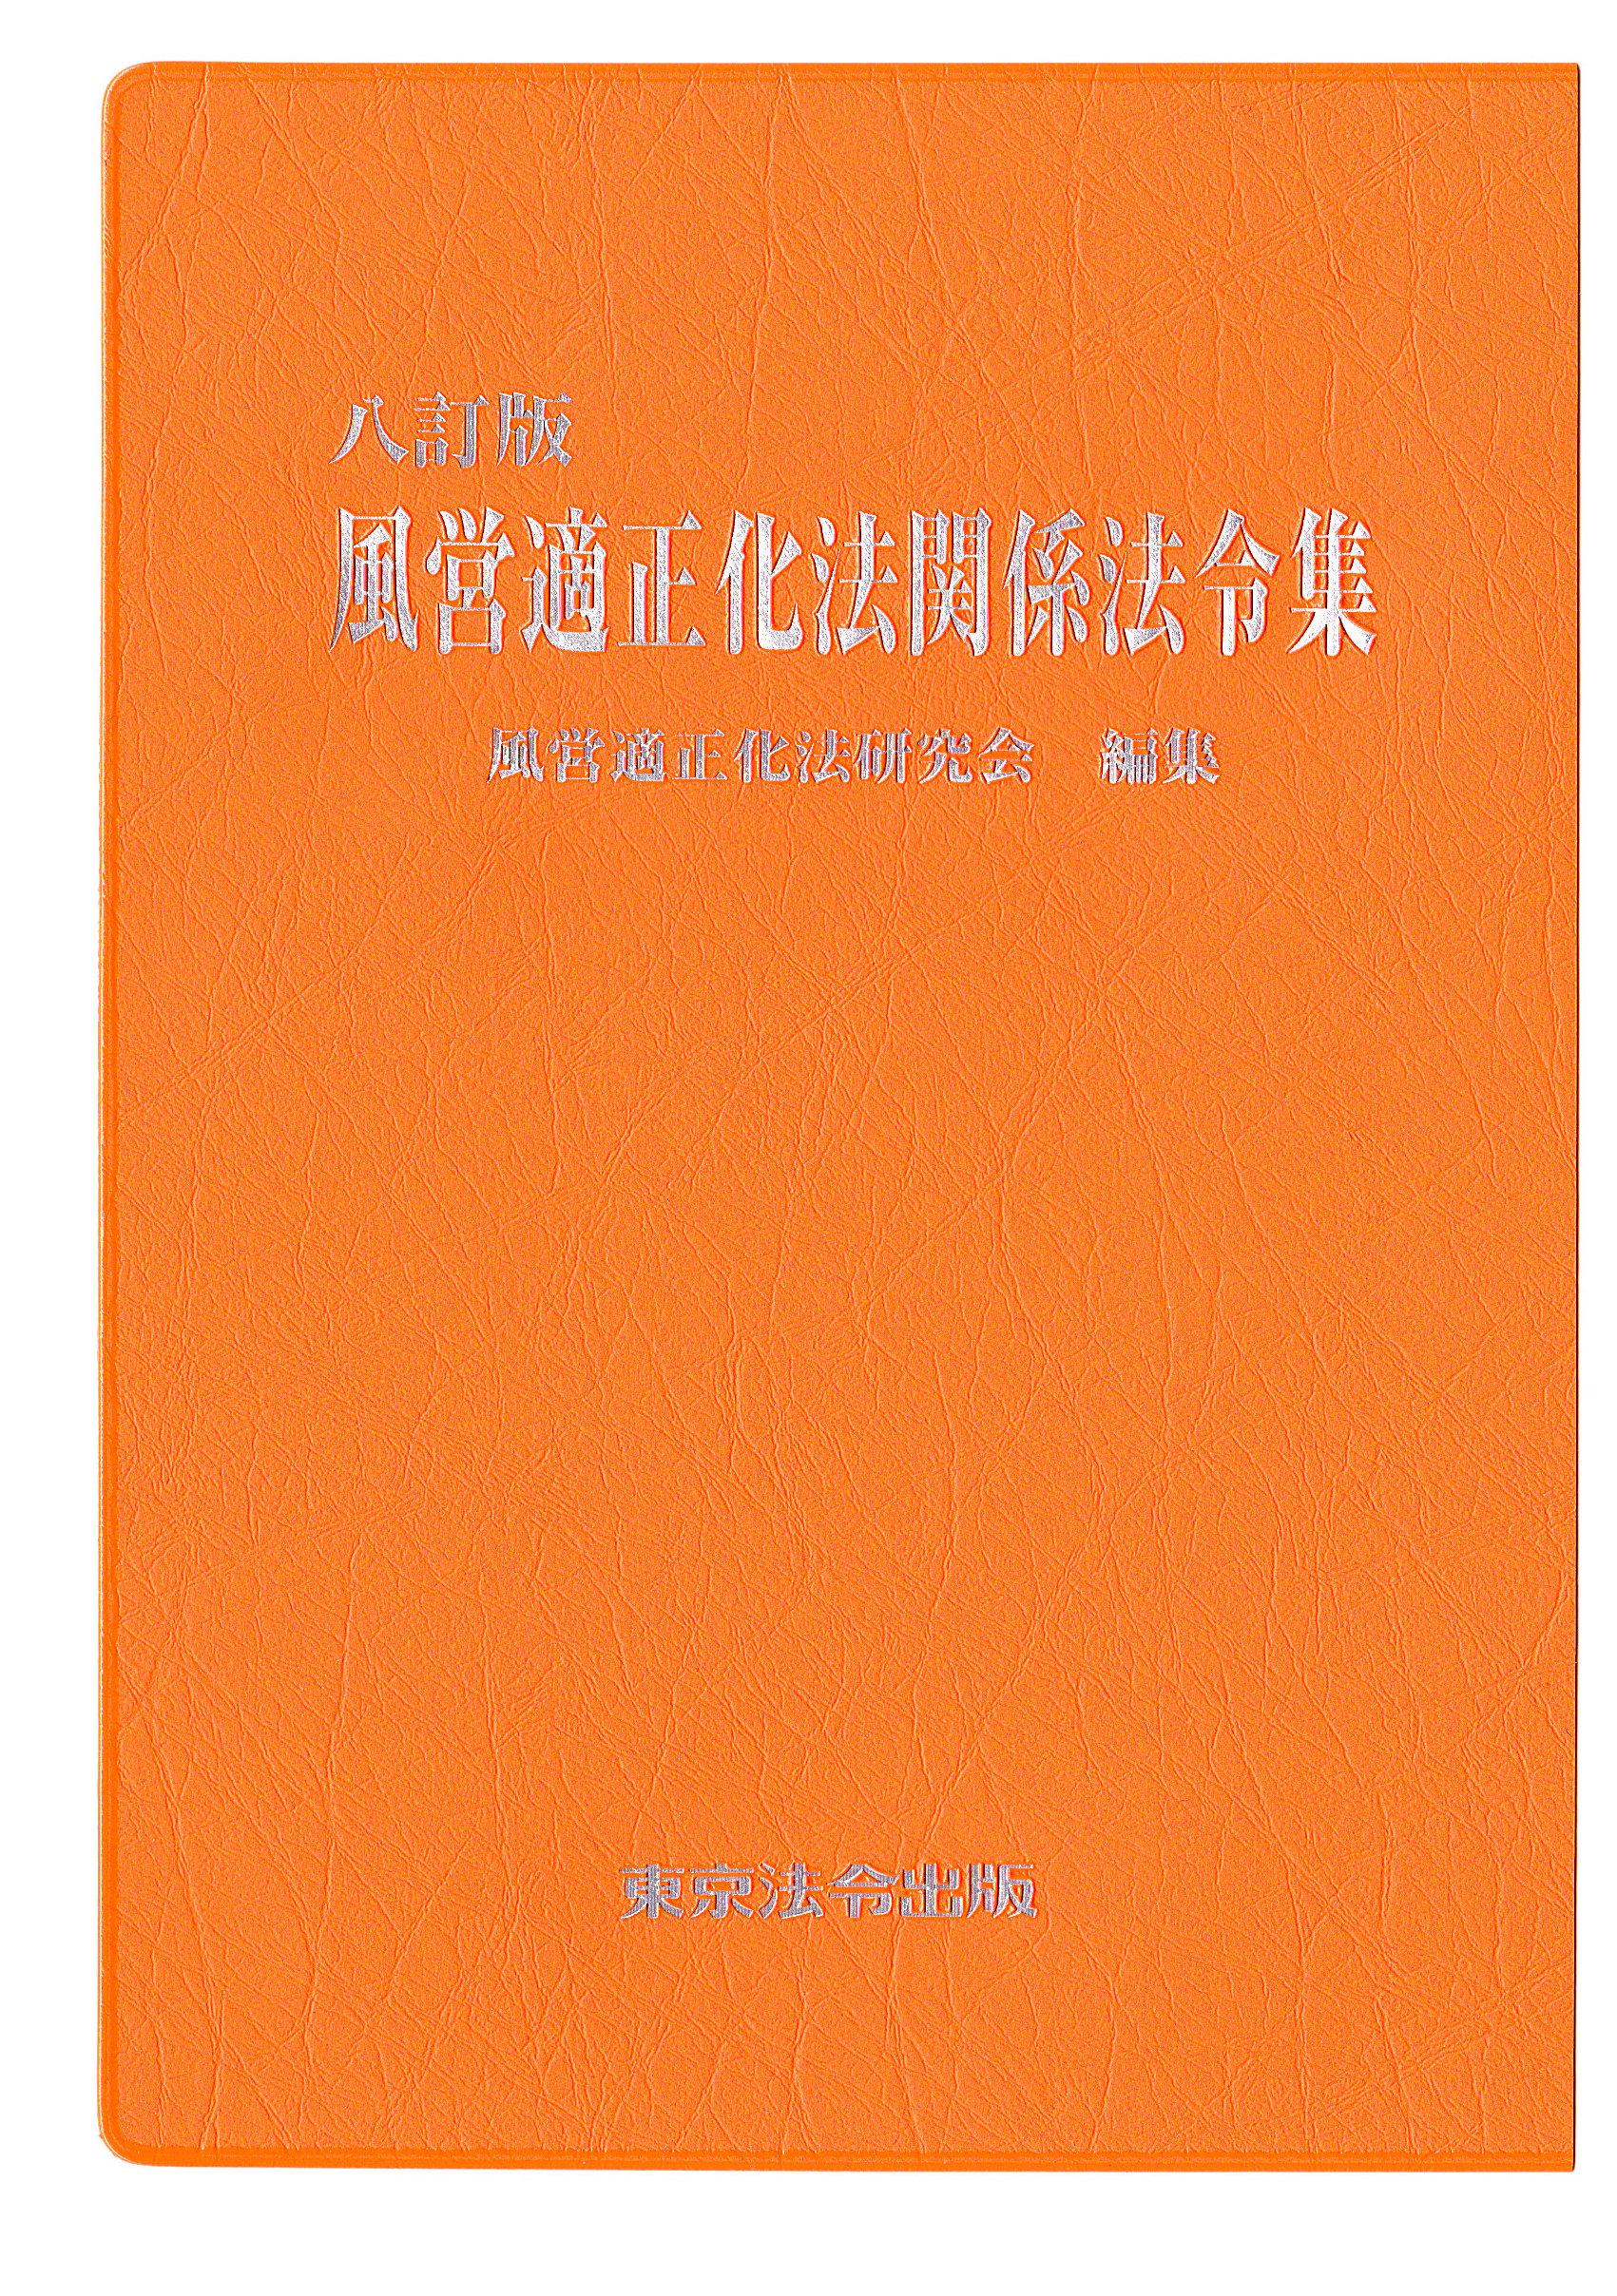 月刊遊技通信 八訂版 風営適正化法関係法令集